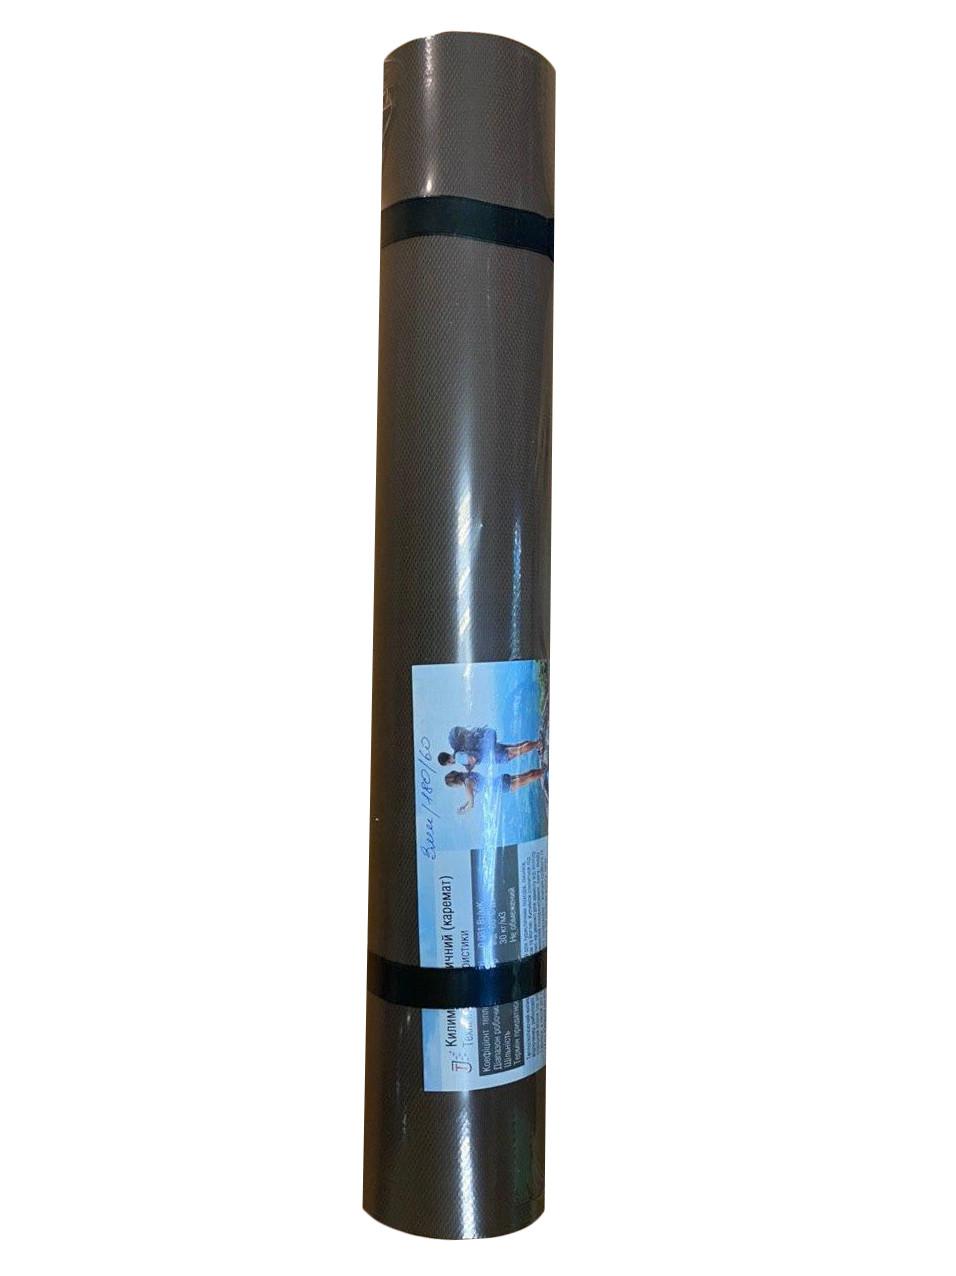 Килимок для фітнесу і йоги коричневий, т. 3 мм, 60х150 см, EVA, 130 кг/м3, виробник Україна, TERMOIZOL®